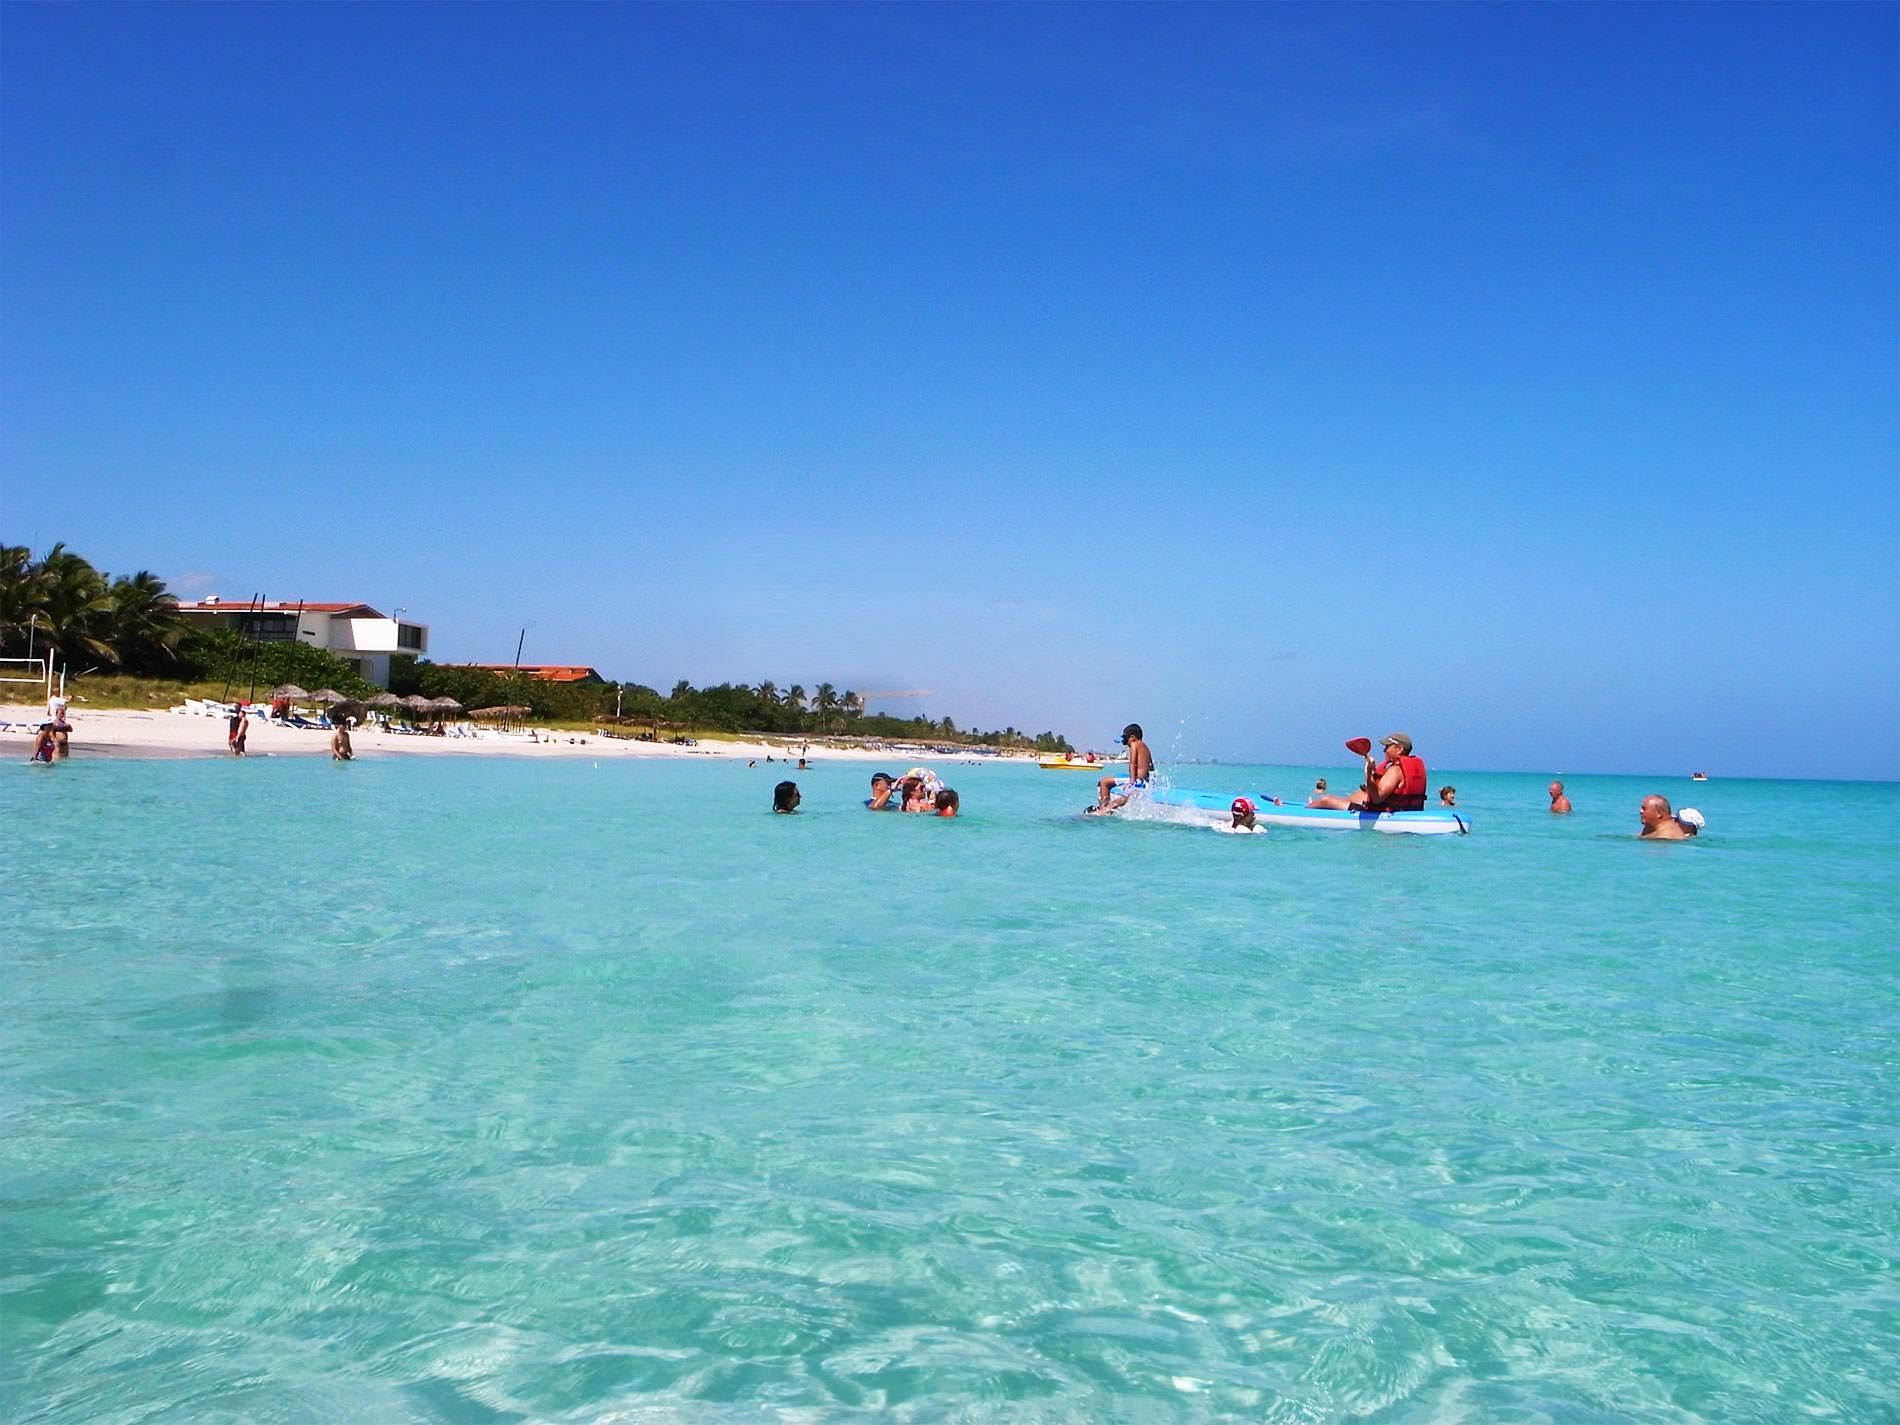 キューバ・バラデロでビーチリゾートとカリブ海とと